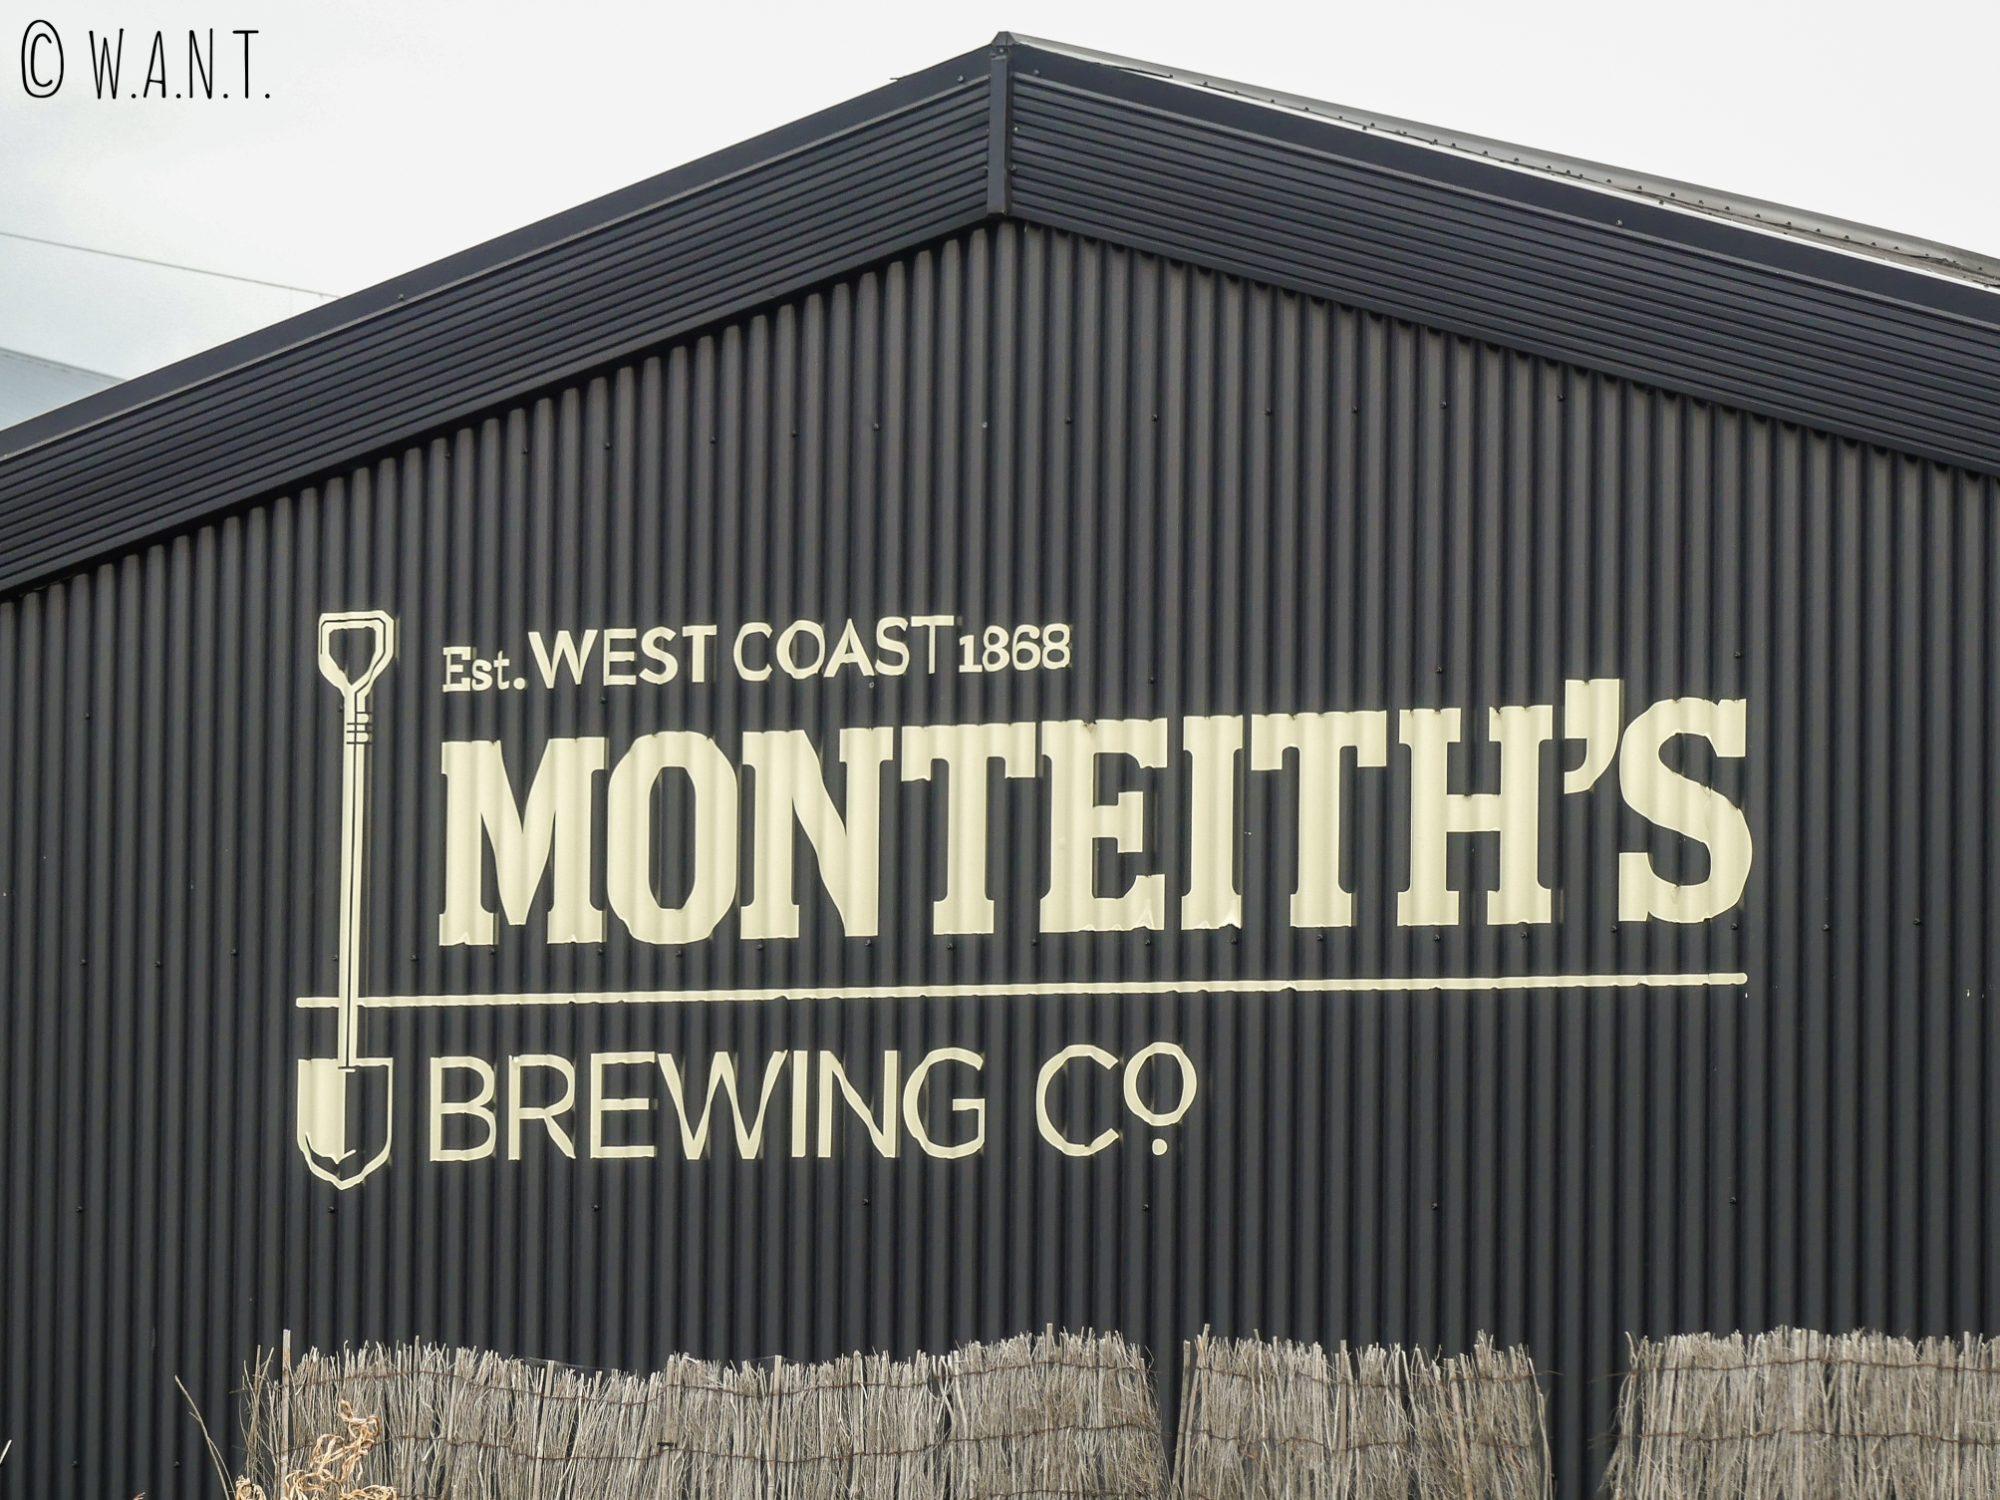 La bière Monteith's est une bière néo-zélandaise